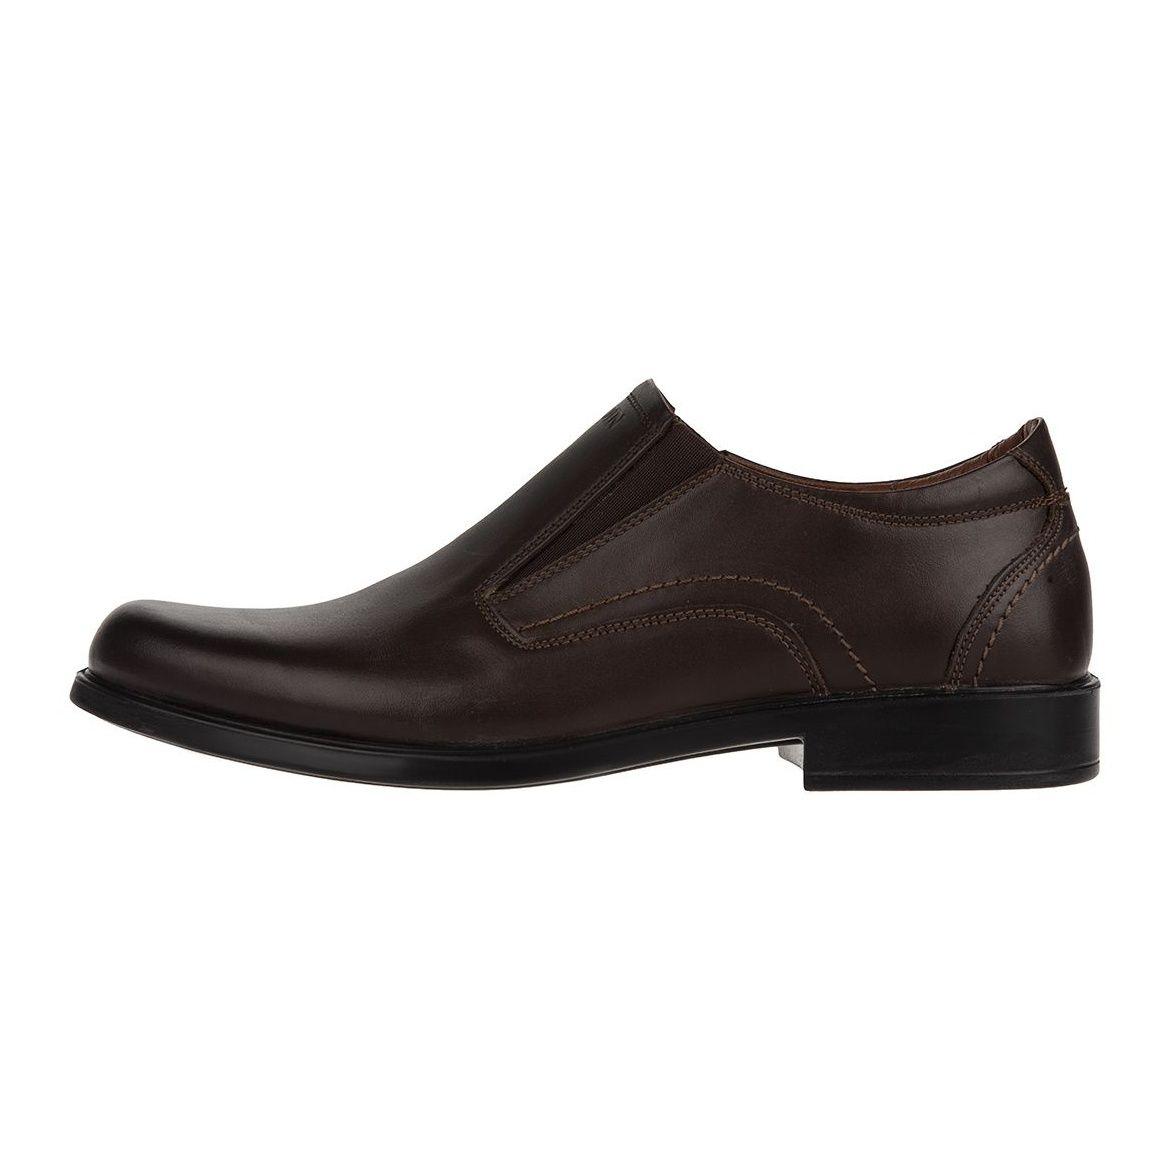 کفش مردانه رادین کد 1986-6 -  - 3